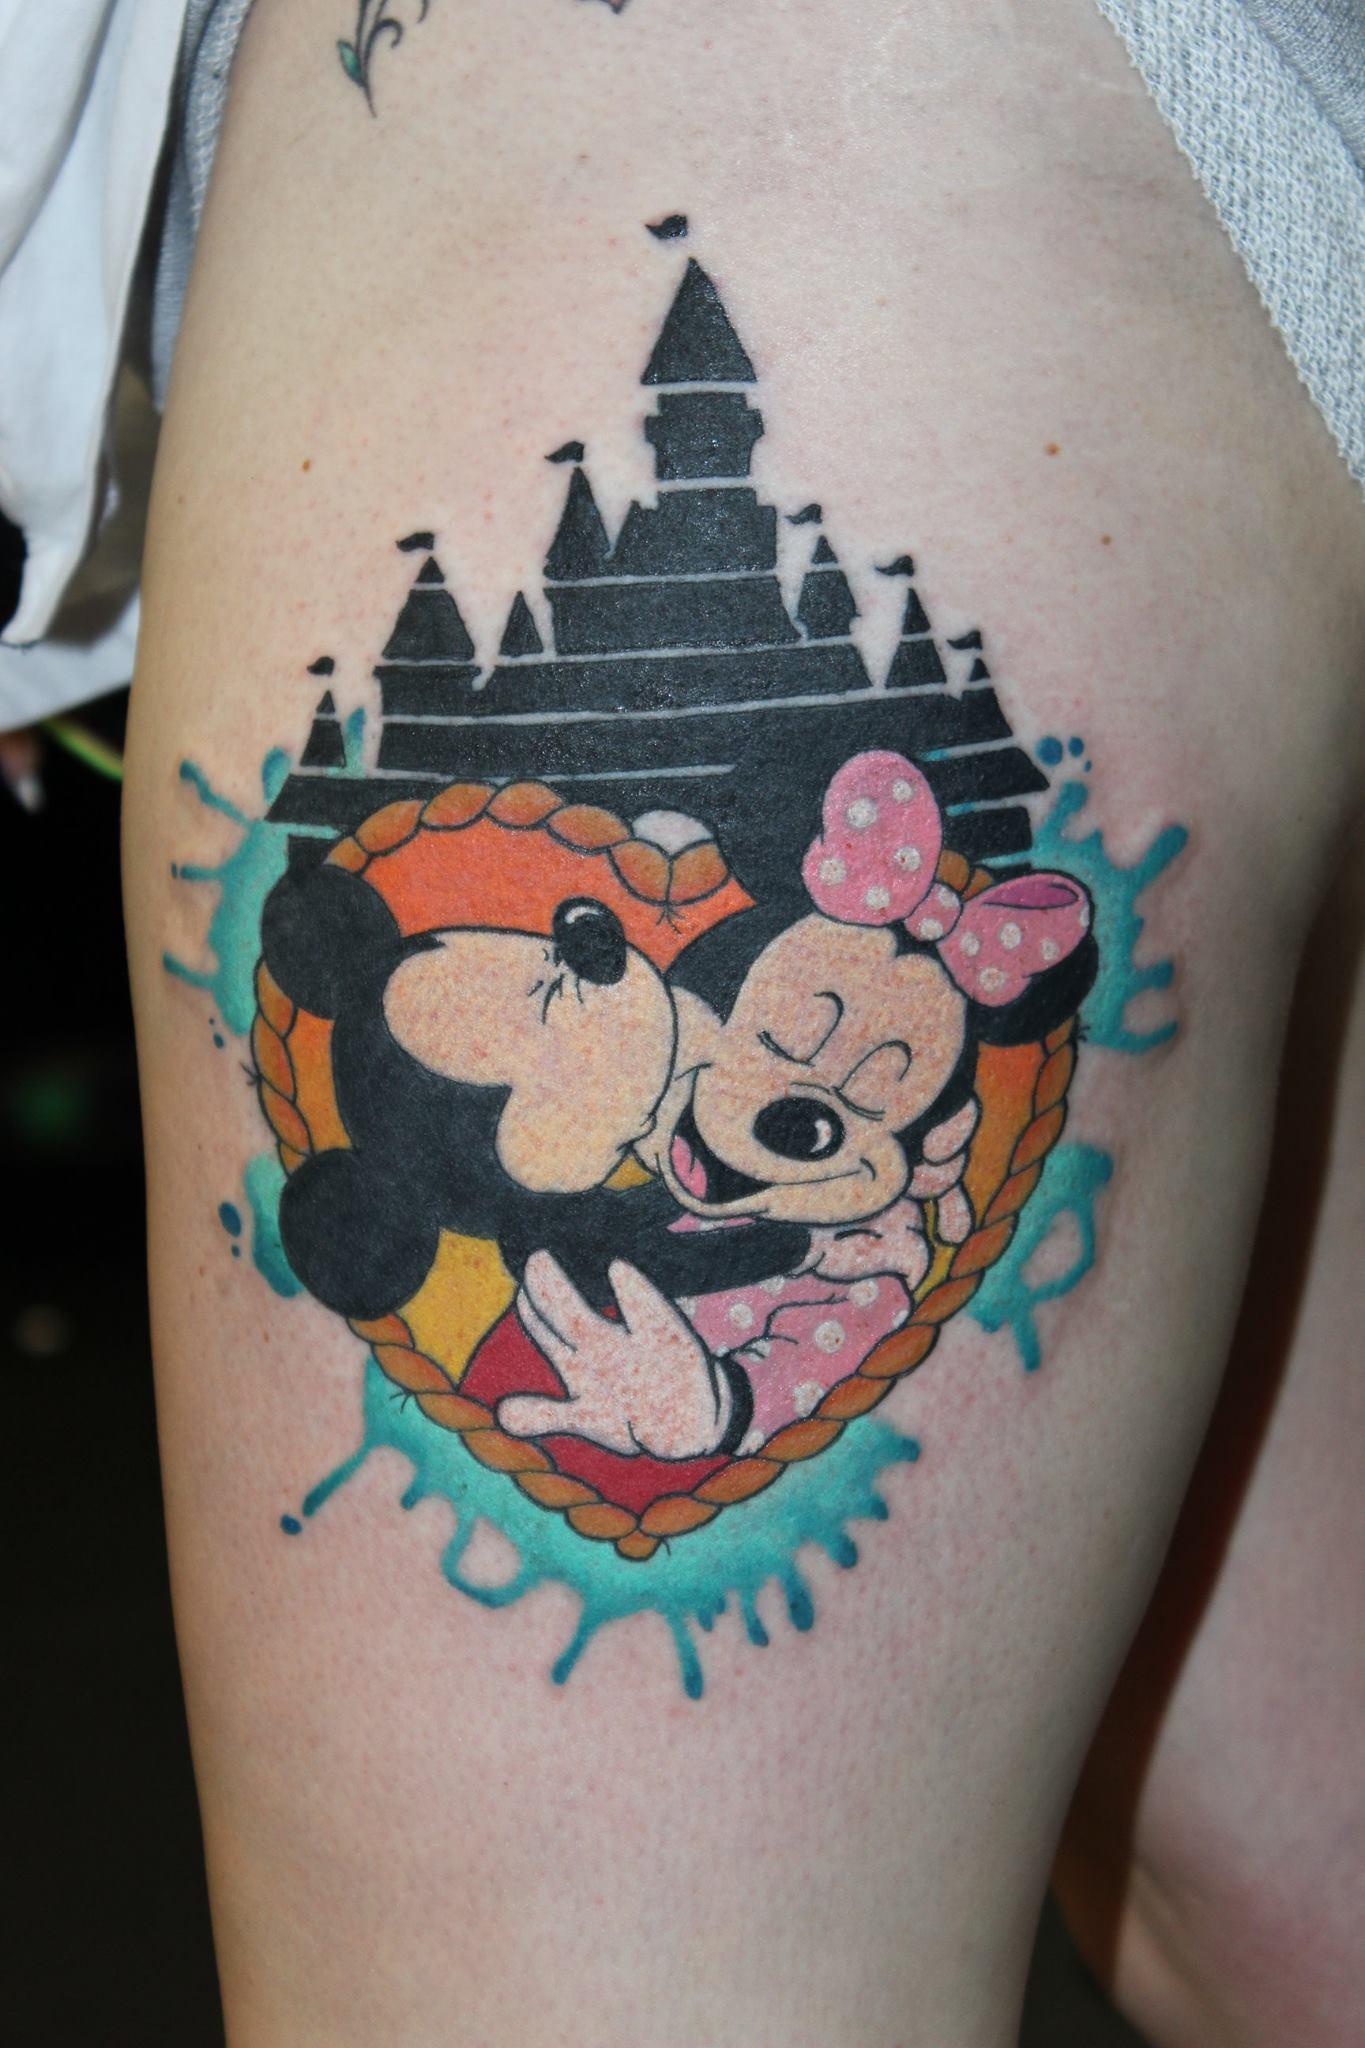 Minnie and Mickey tattoos